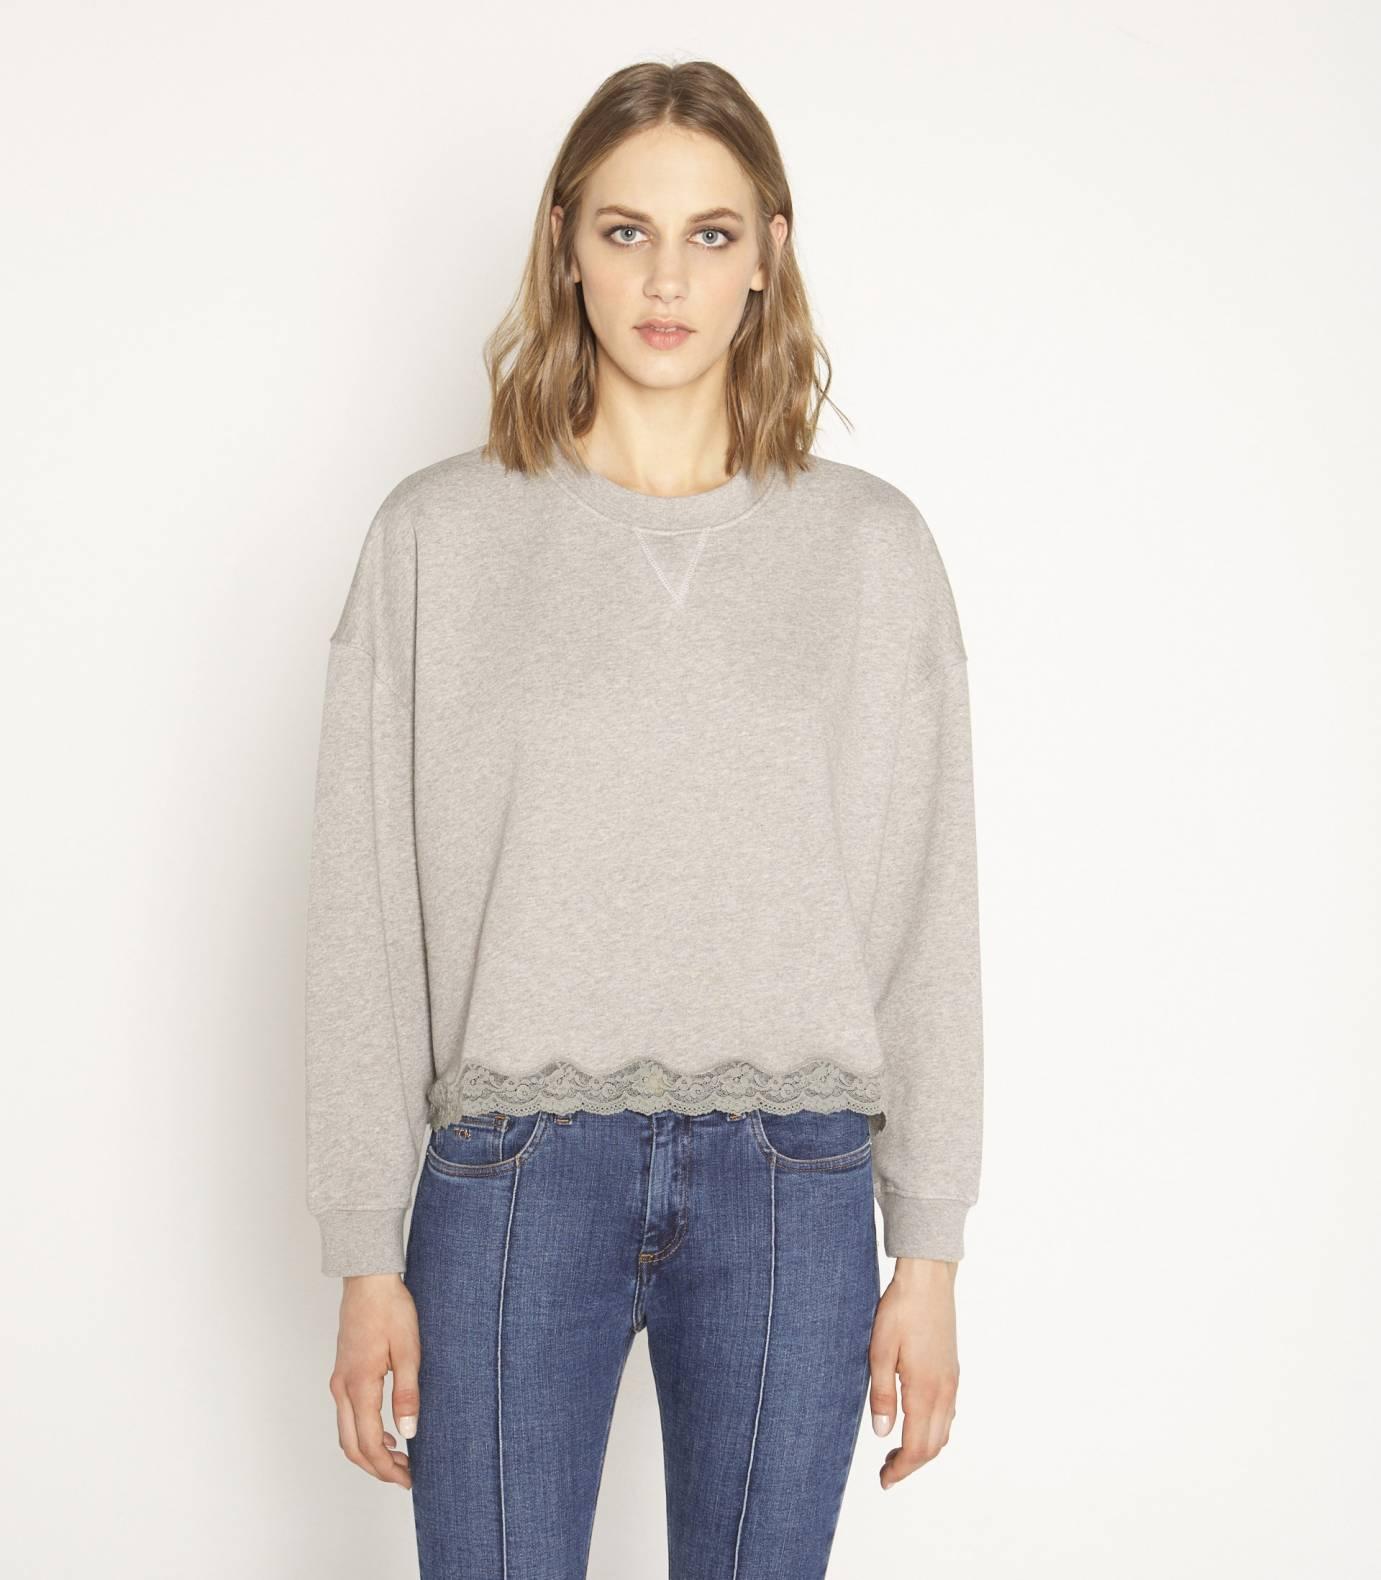 Fleece lace tweatshirt